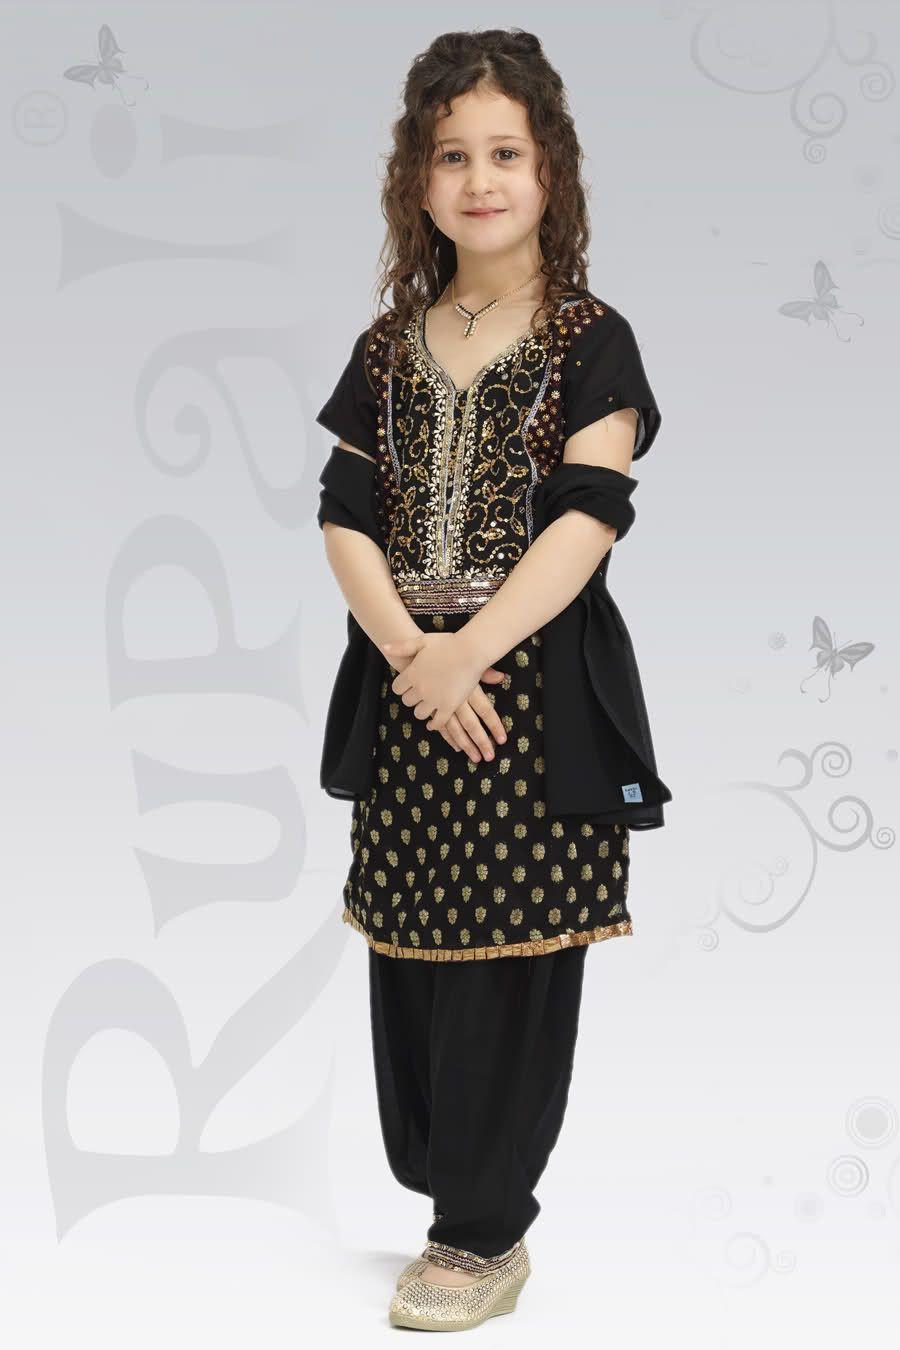 Eid kids kurta shalwar kameez designs 2013 2014 - Latest Eden Robe 2014 Kids Wear Collection